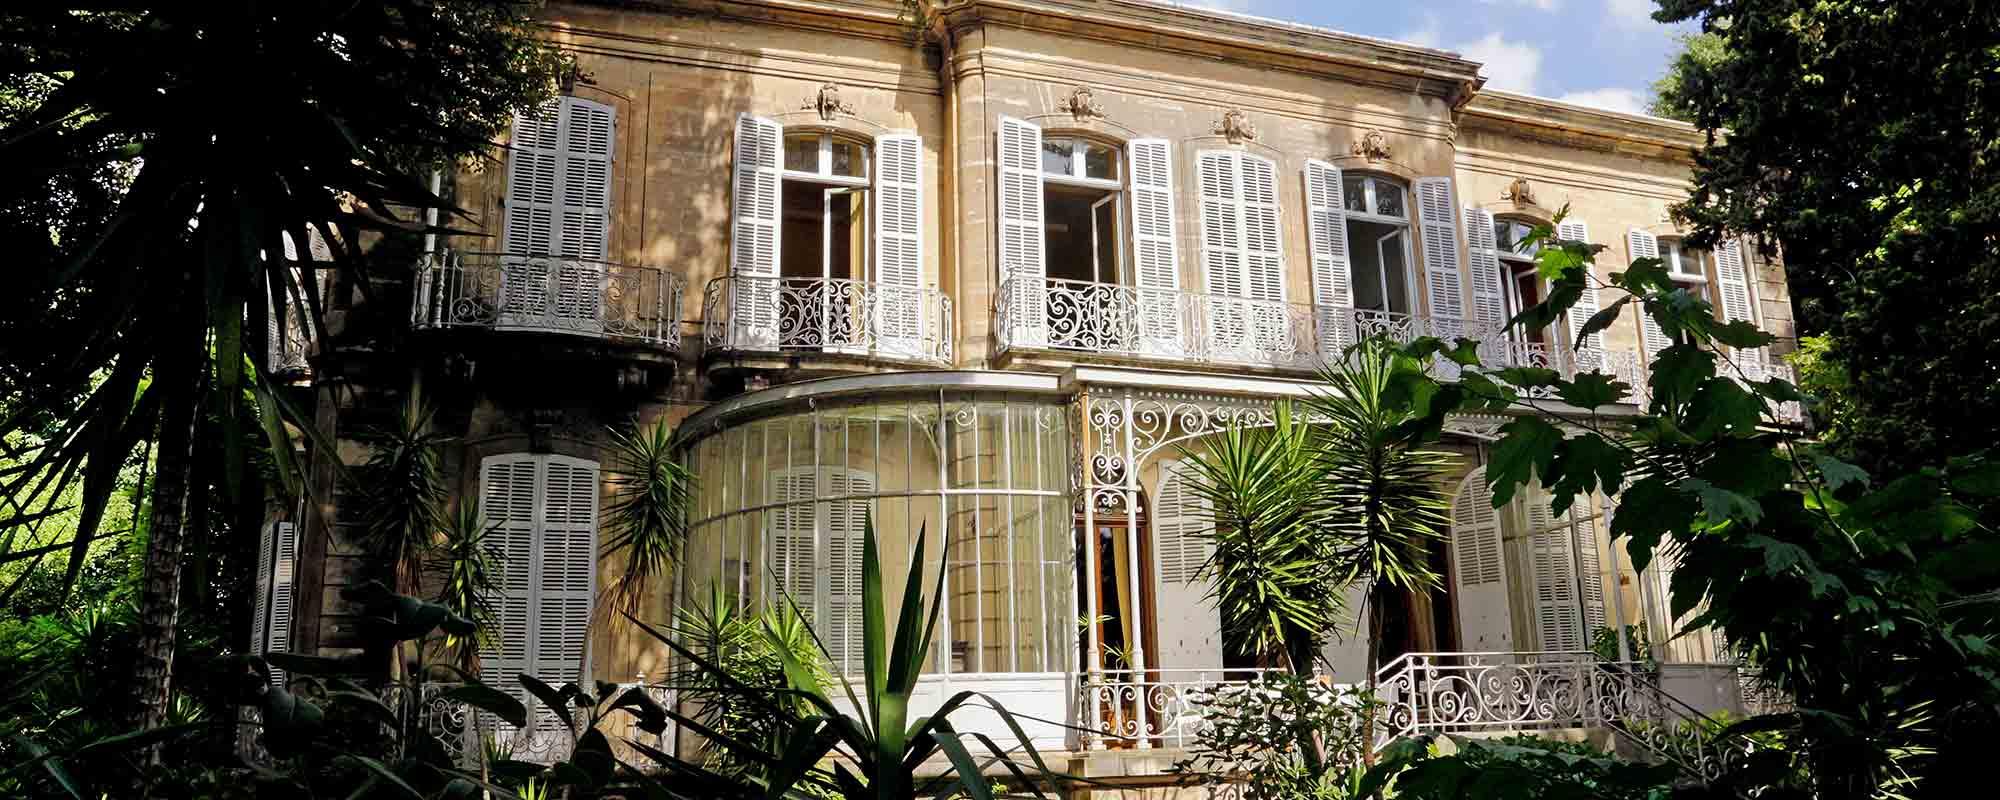 L'Alliance Française Montpellier vous accueille dans un superbe édifice(...)